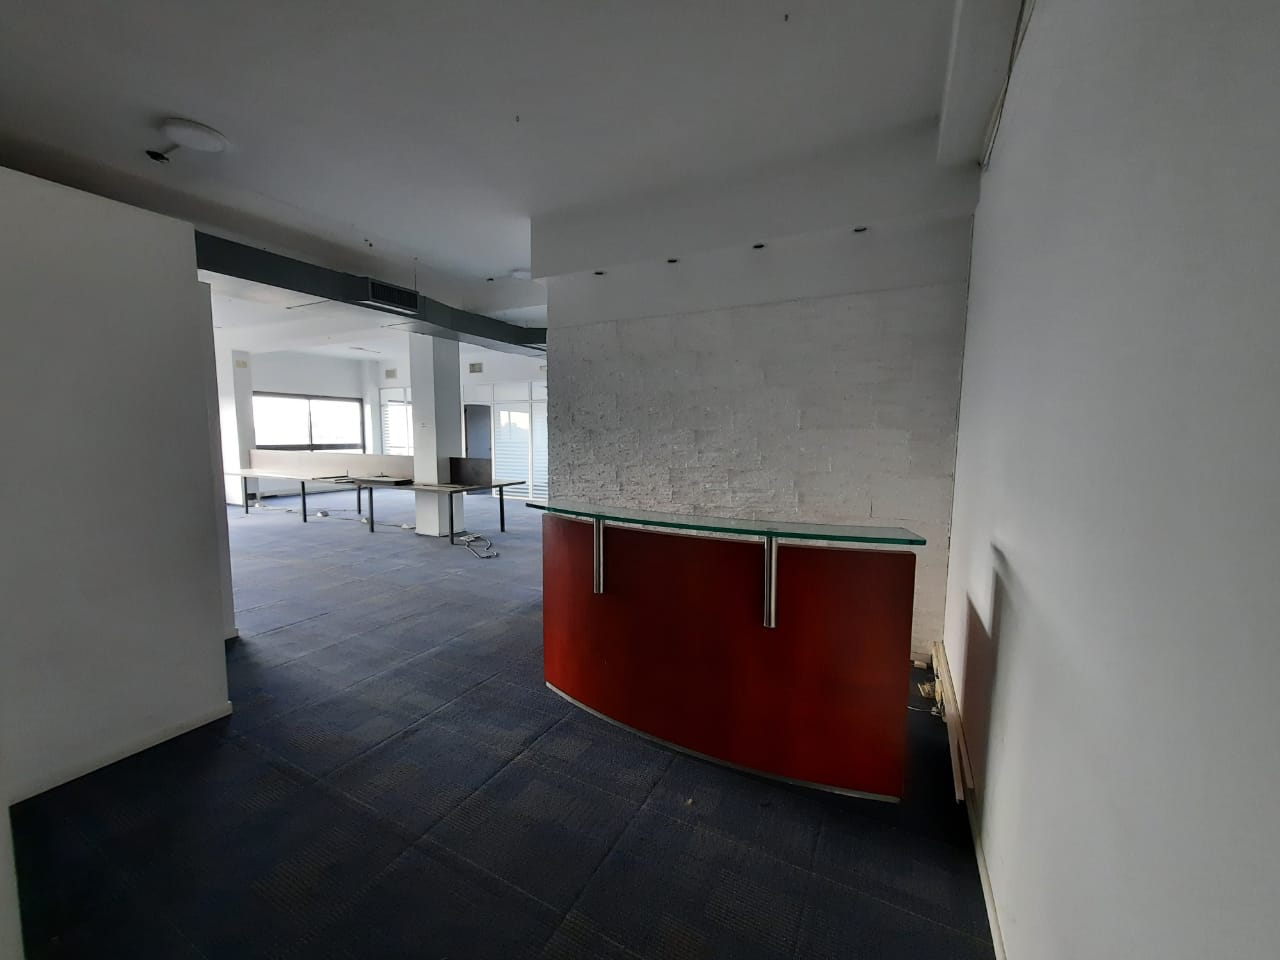 GIN - Grupo Inmobiliario Norte:  Venta Oficina en Office Park Norte, Panamericana Km 42,5 Pilar